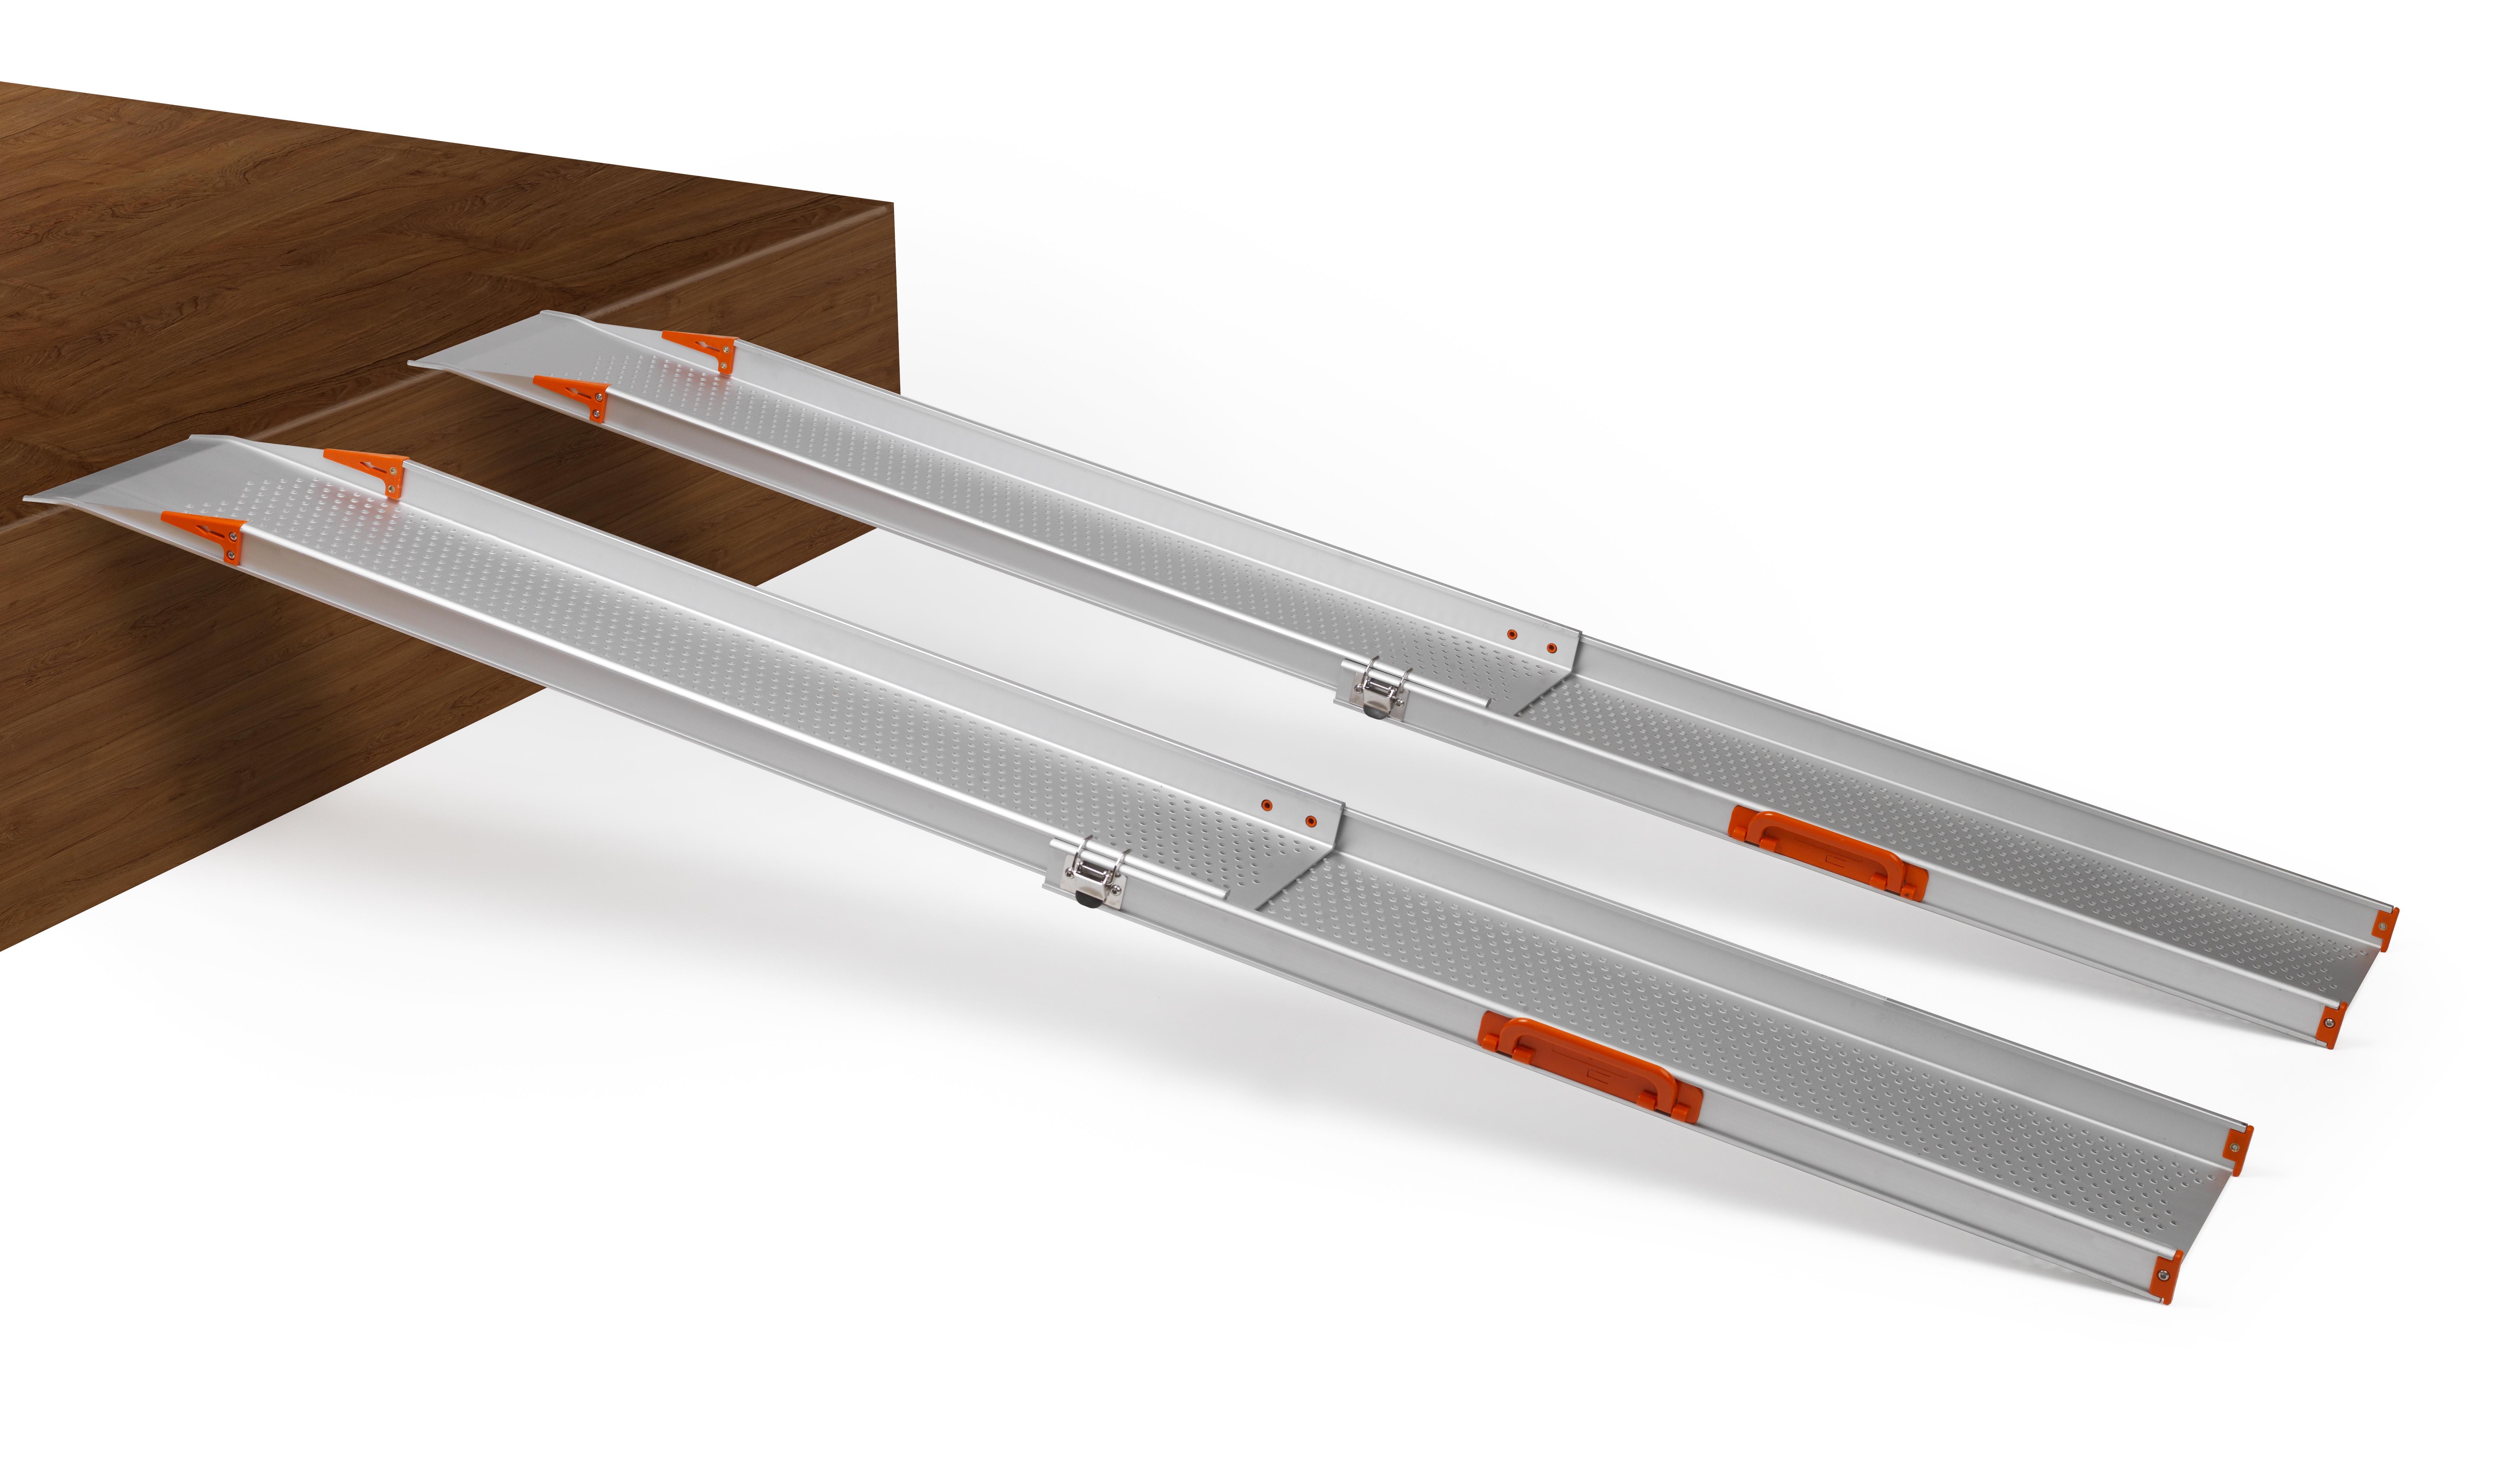 Fabricada en aluminio de alta calidad aportando una gran ligereza a las mismas sin perder robustez.